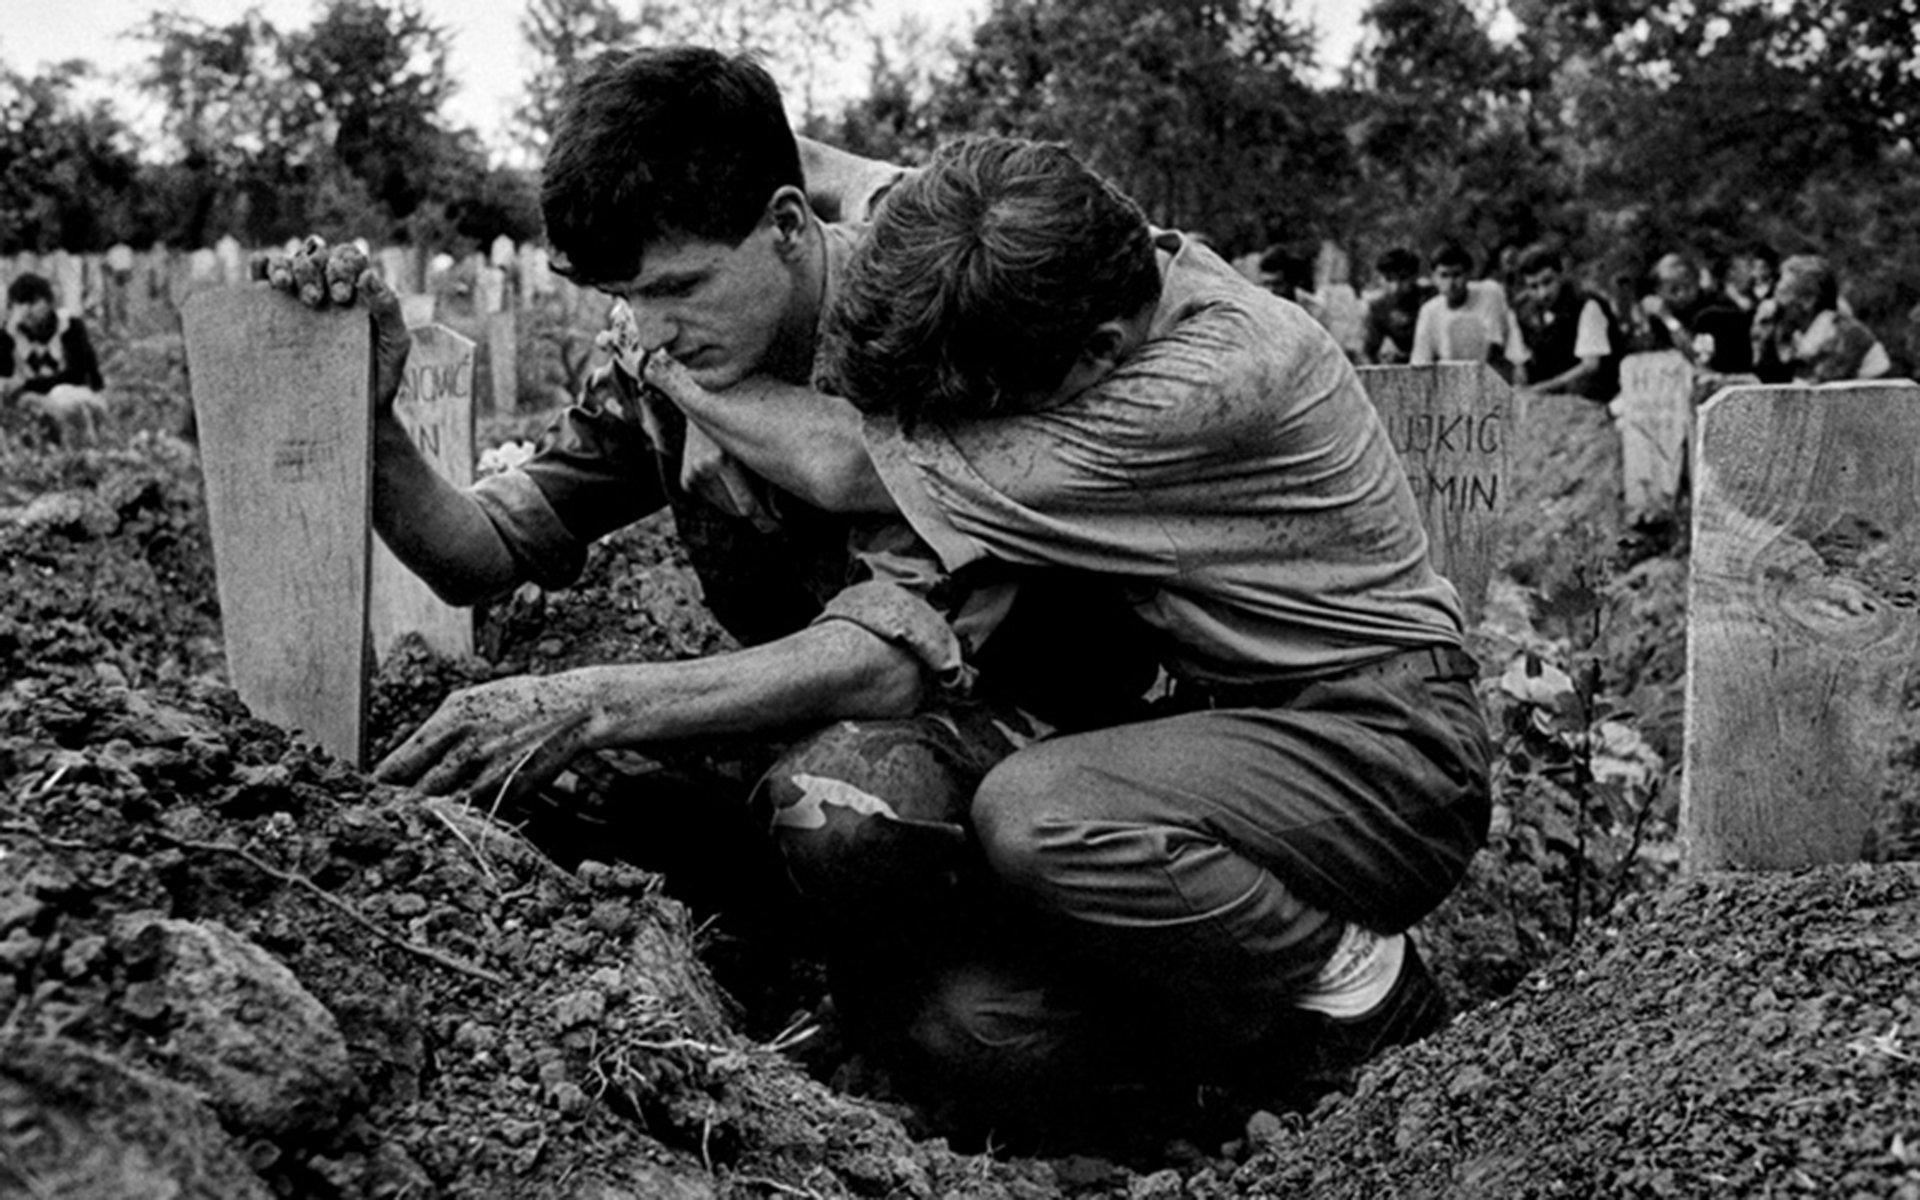 (Fuera de Brcko. Bosnia, 1993).Creo que la gente se debe ofender con el genocidio. Se debe ofender con la limpieza étnica. Se debe ofender con el hambre.Mi trabajo no es hacer que esas cosas sean cómodas o fácilmente digeribles, dij